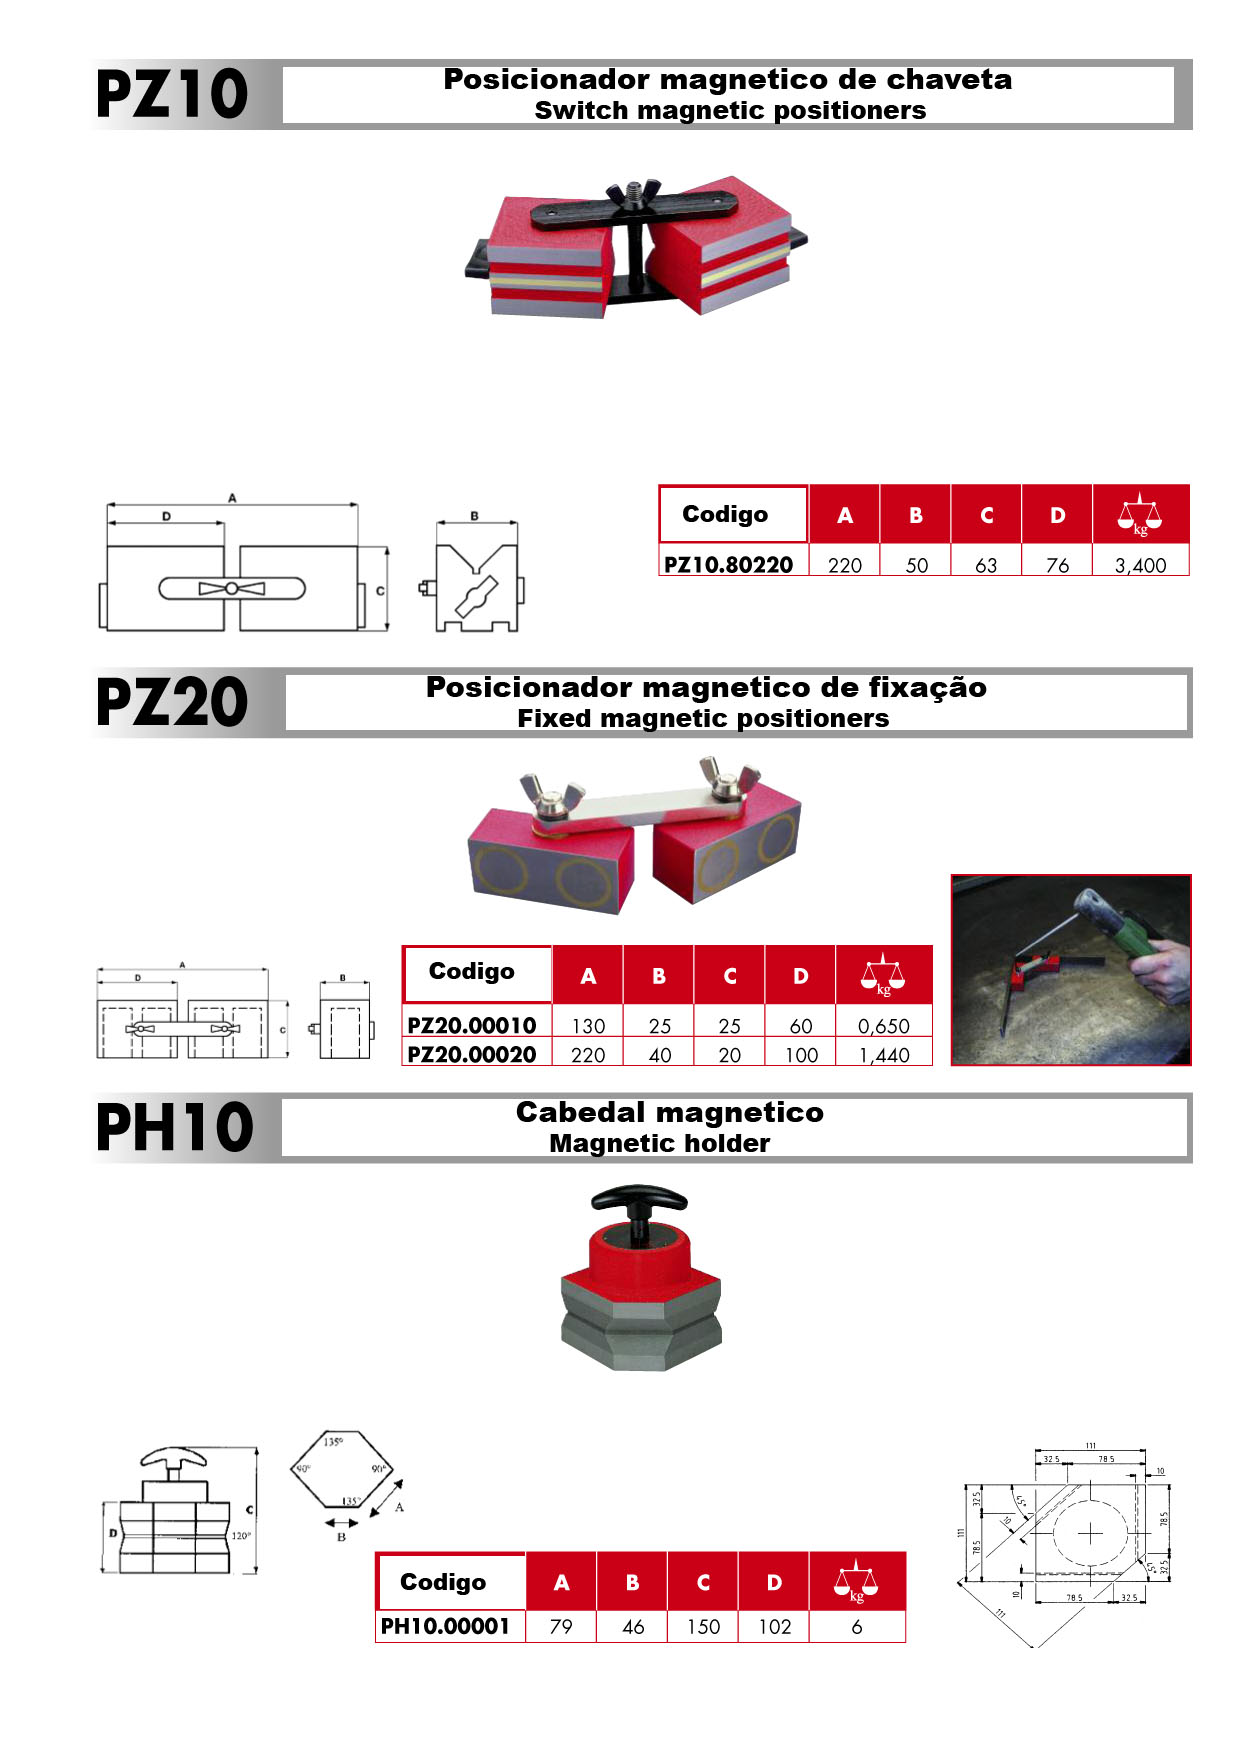 Posicionadores PZ10 / PZ20 e Cabedal PH10